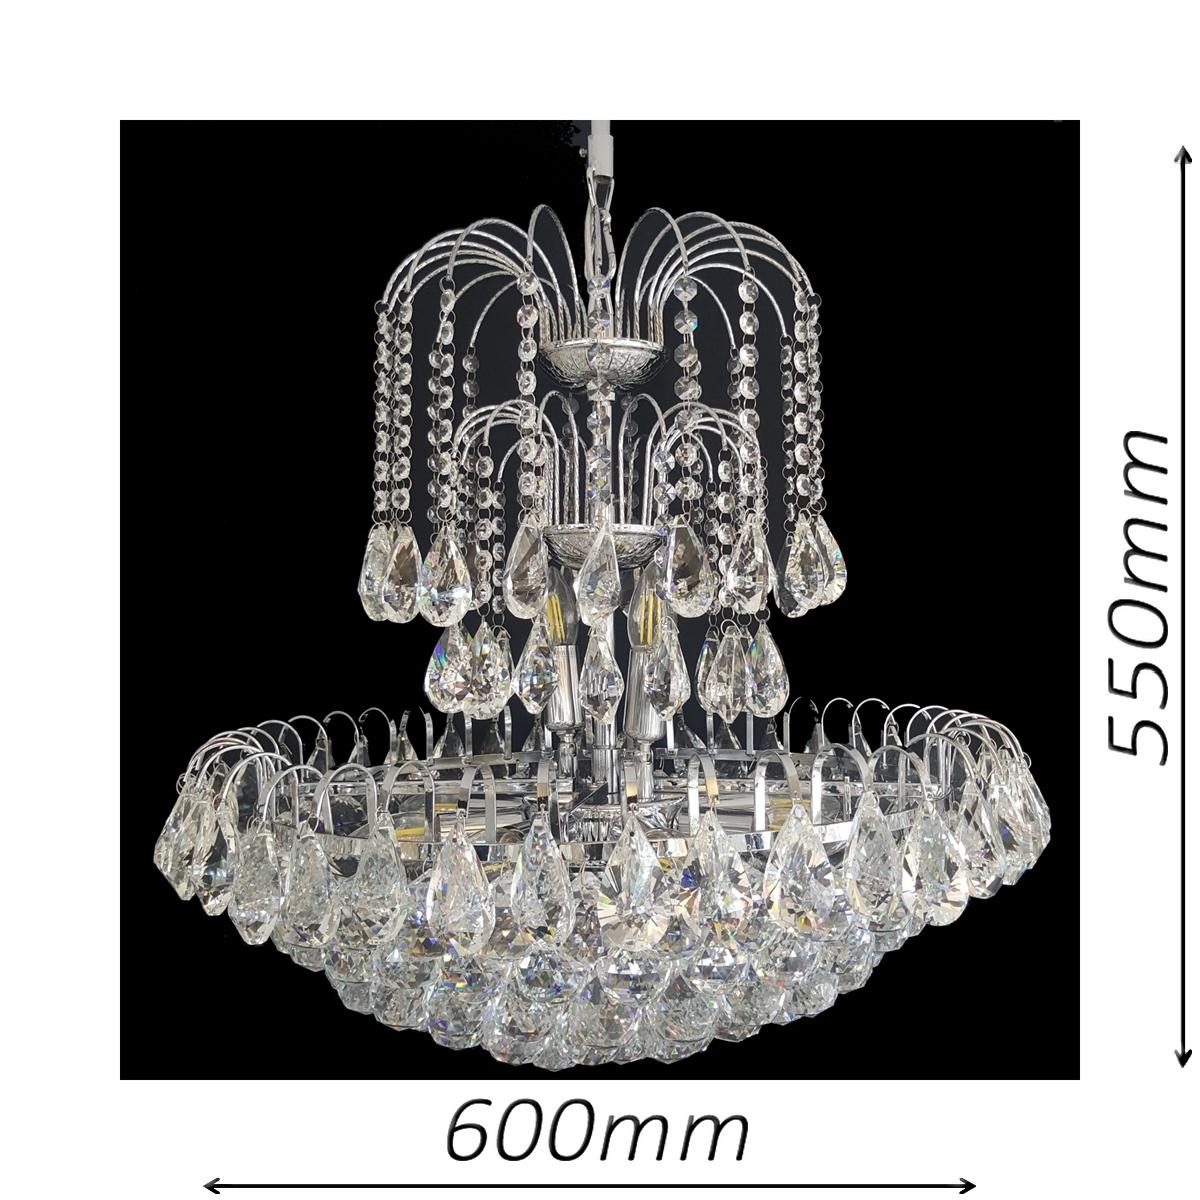 Surrey 600 Chrome Chandelier - CRPSUR10600CH